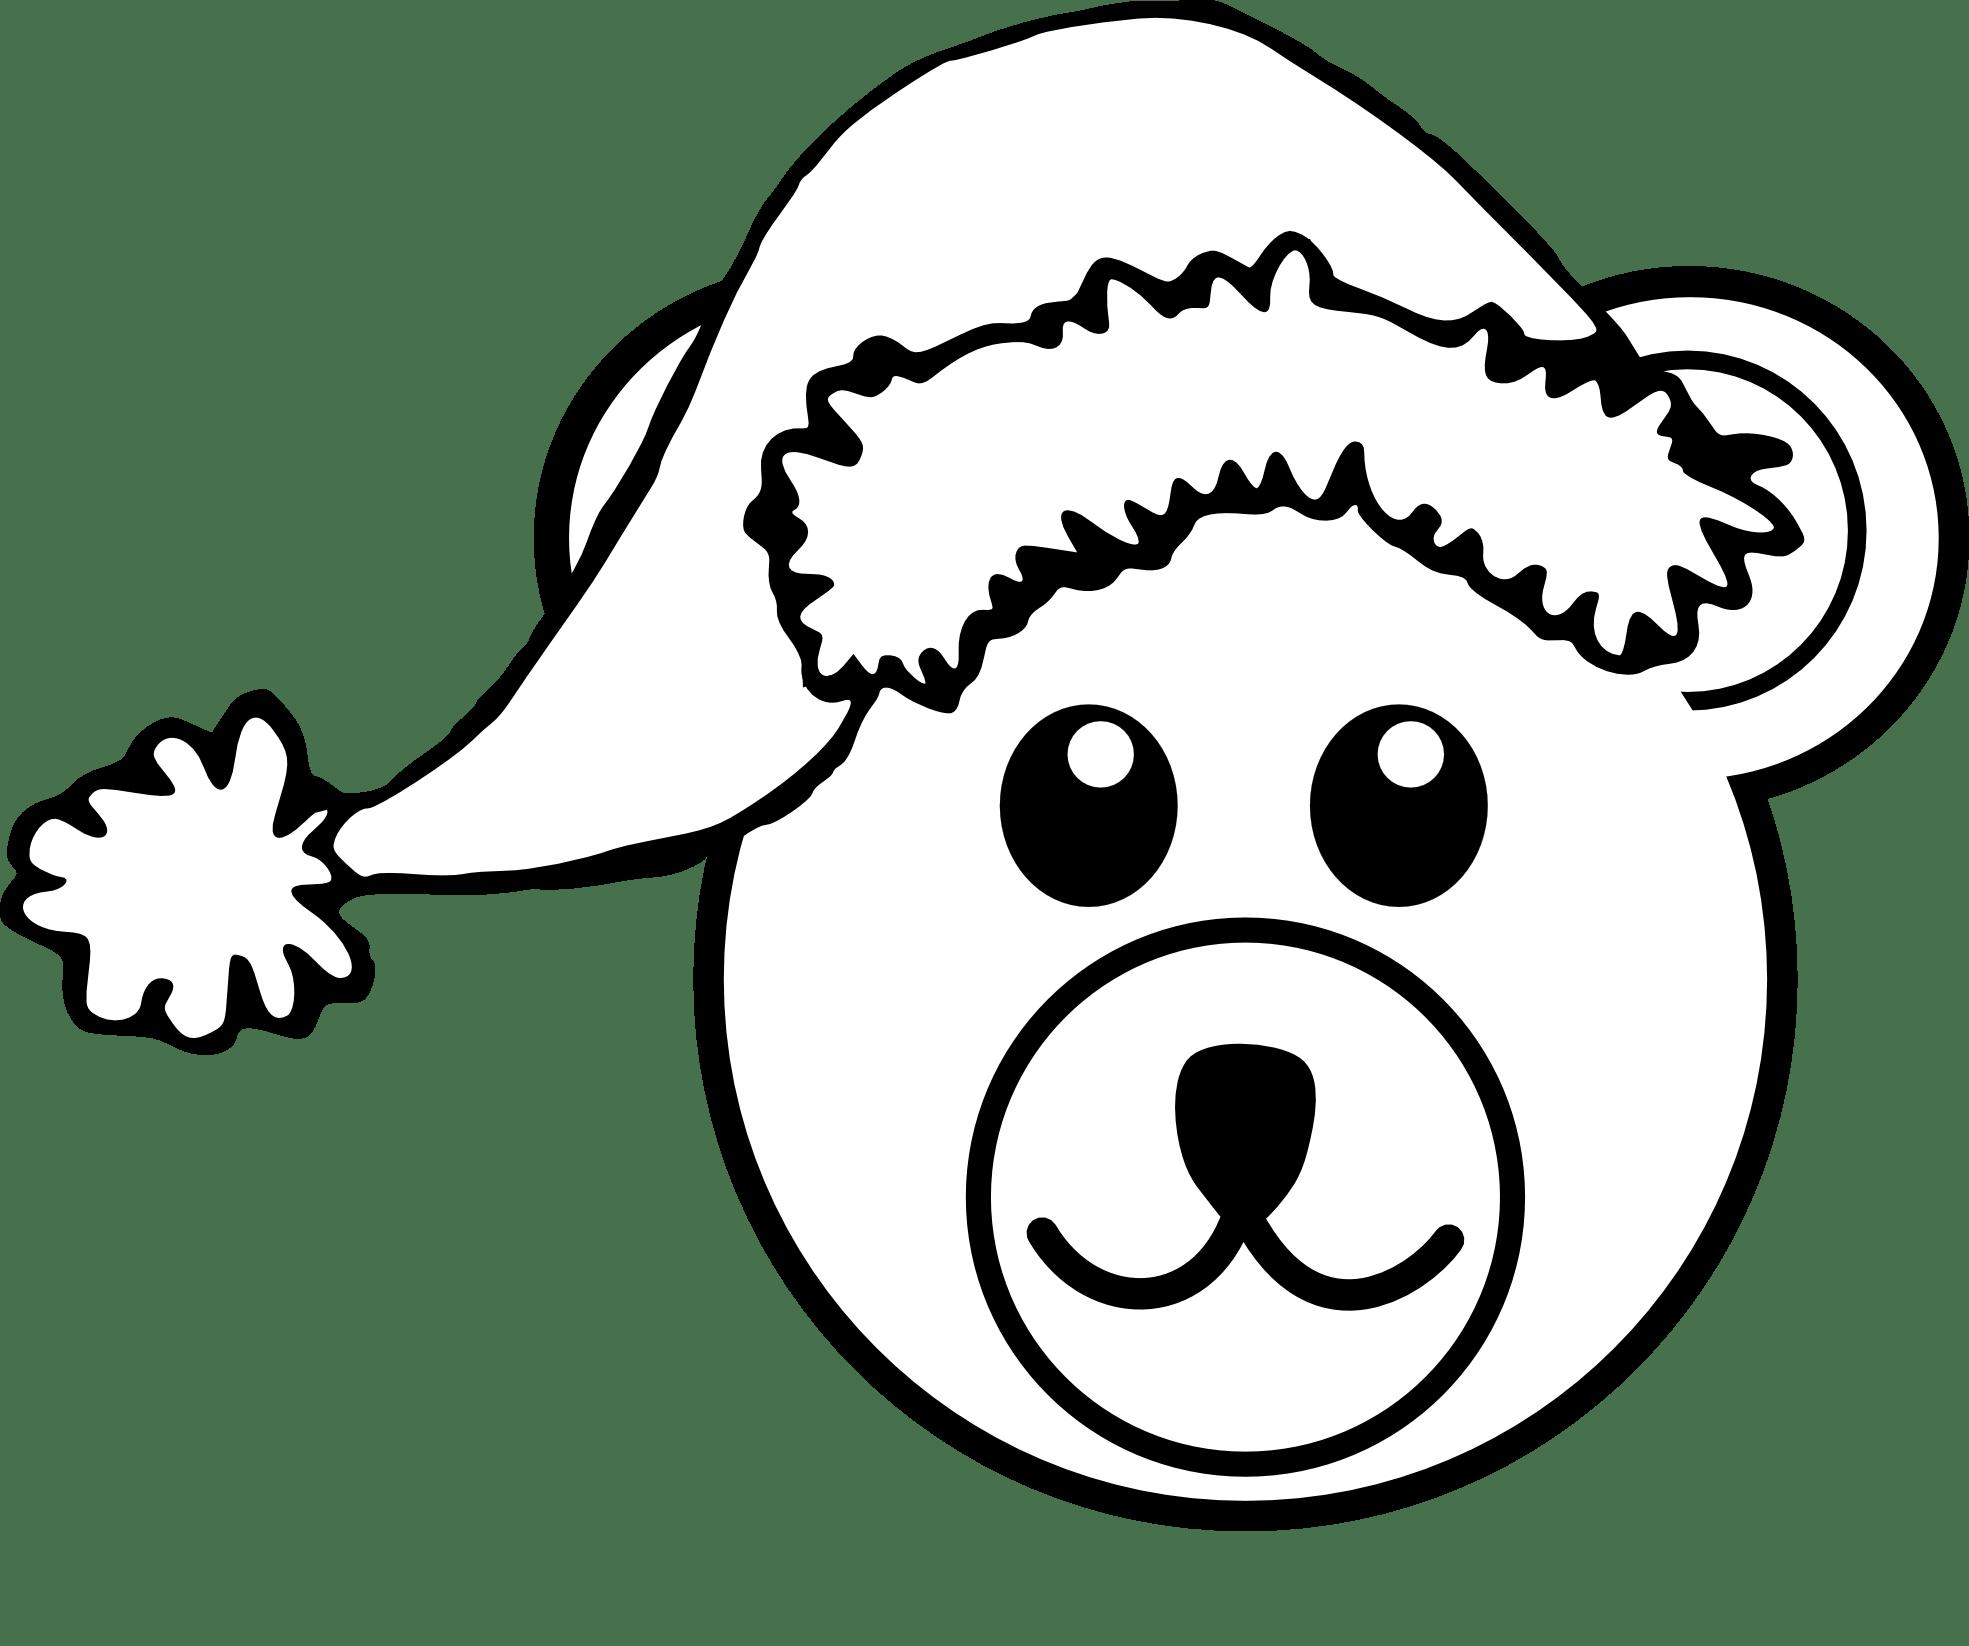 Clip Art Teddy Bear Outline